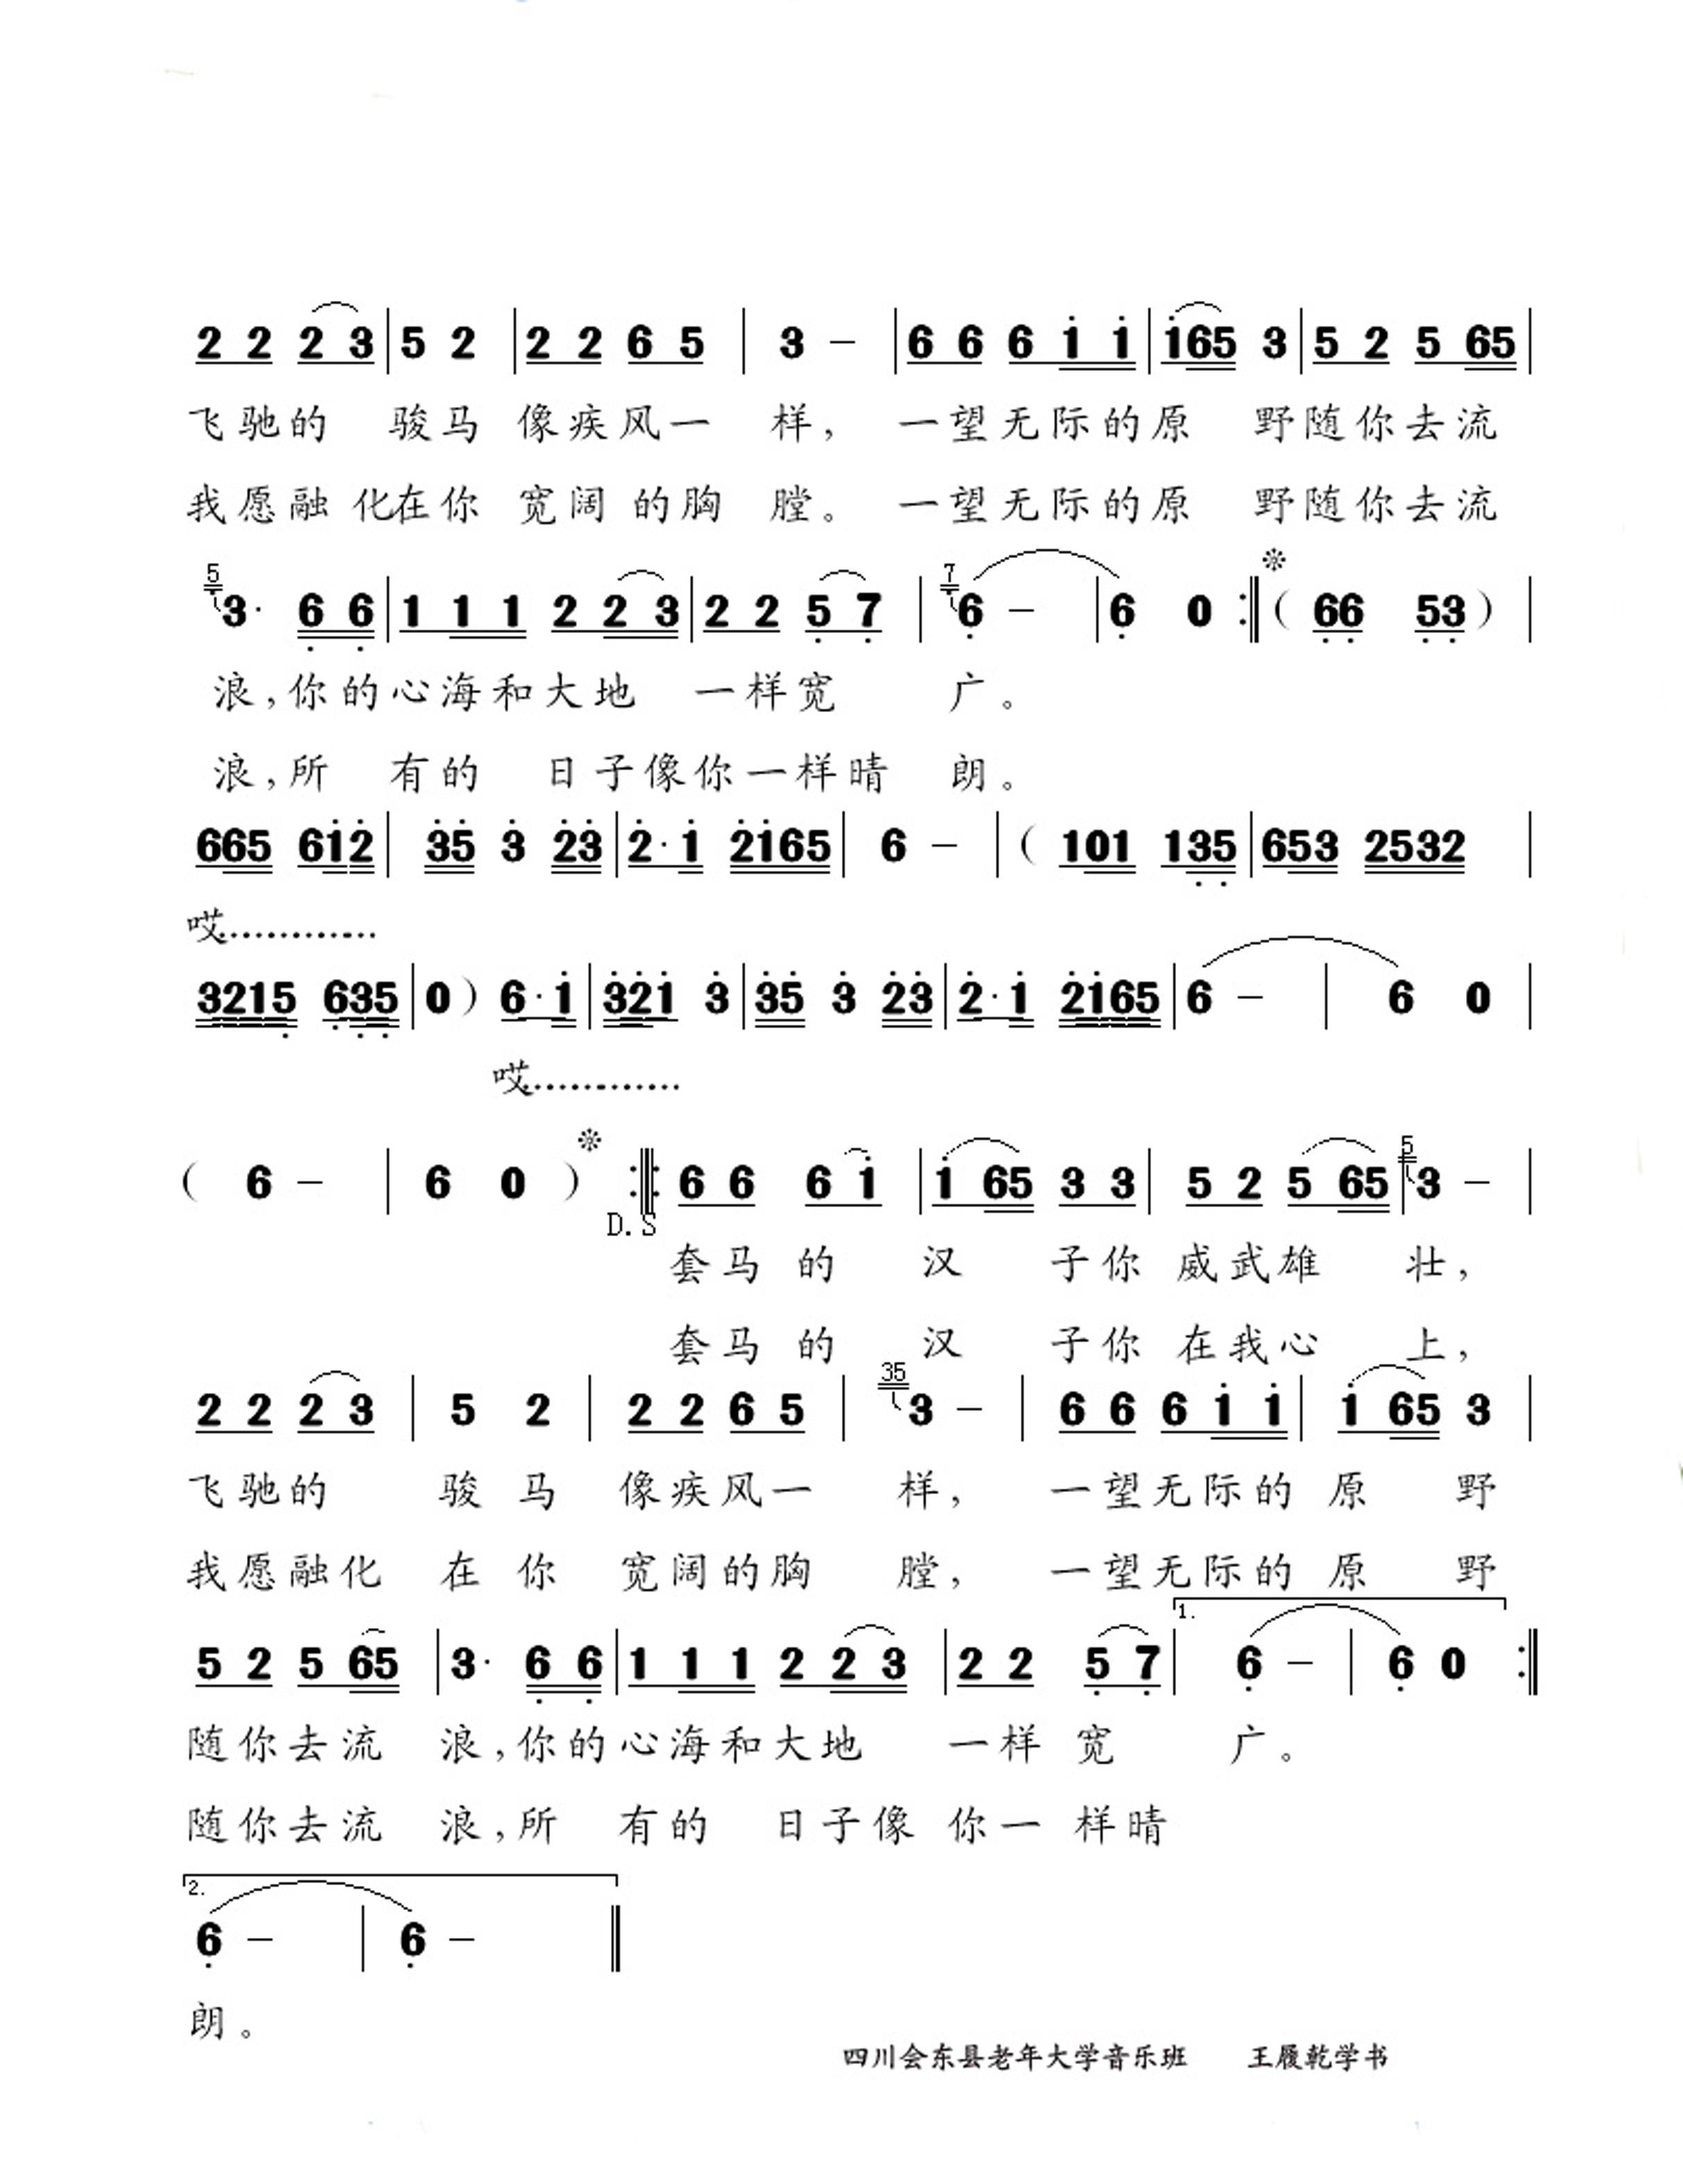 欢迎下载《套马杆》的简谱歌页和同步伴奏